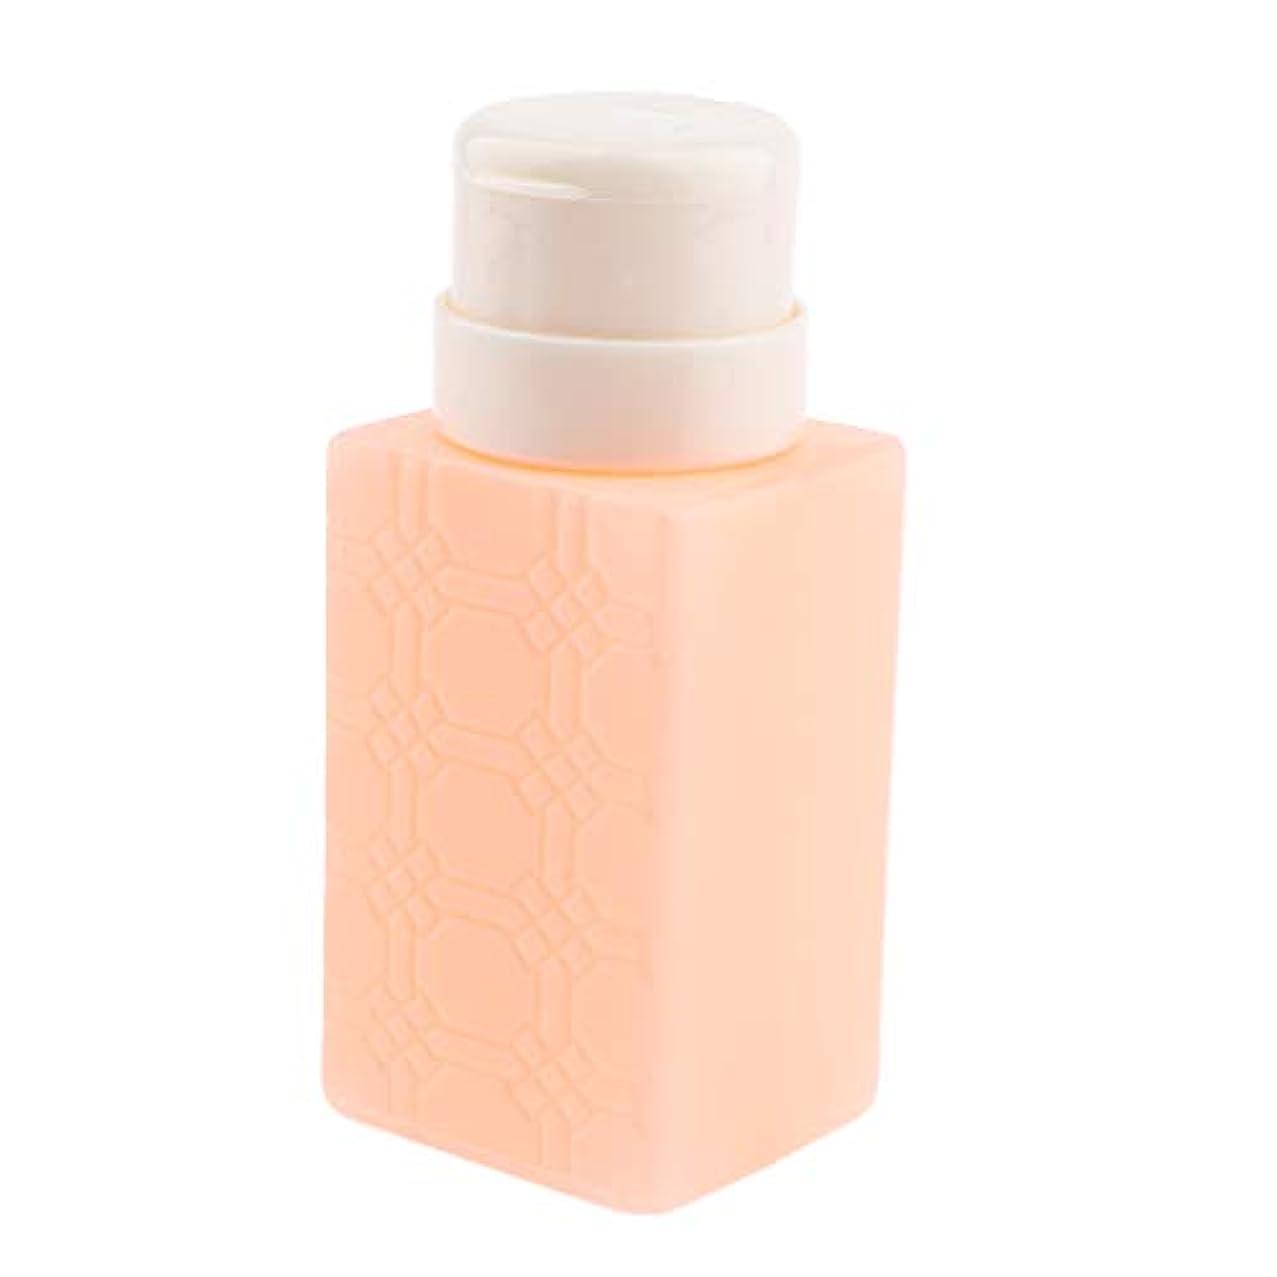 鳴らすビームバリケードF Fityle ネイルアート ディスペンサー アクリルリムーバー ポンプボトル 耐久性 4色選べ - オレンジ